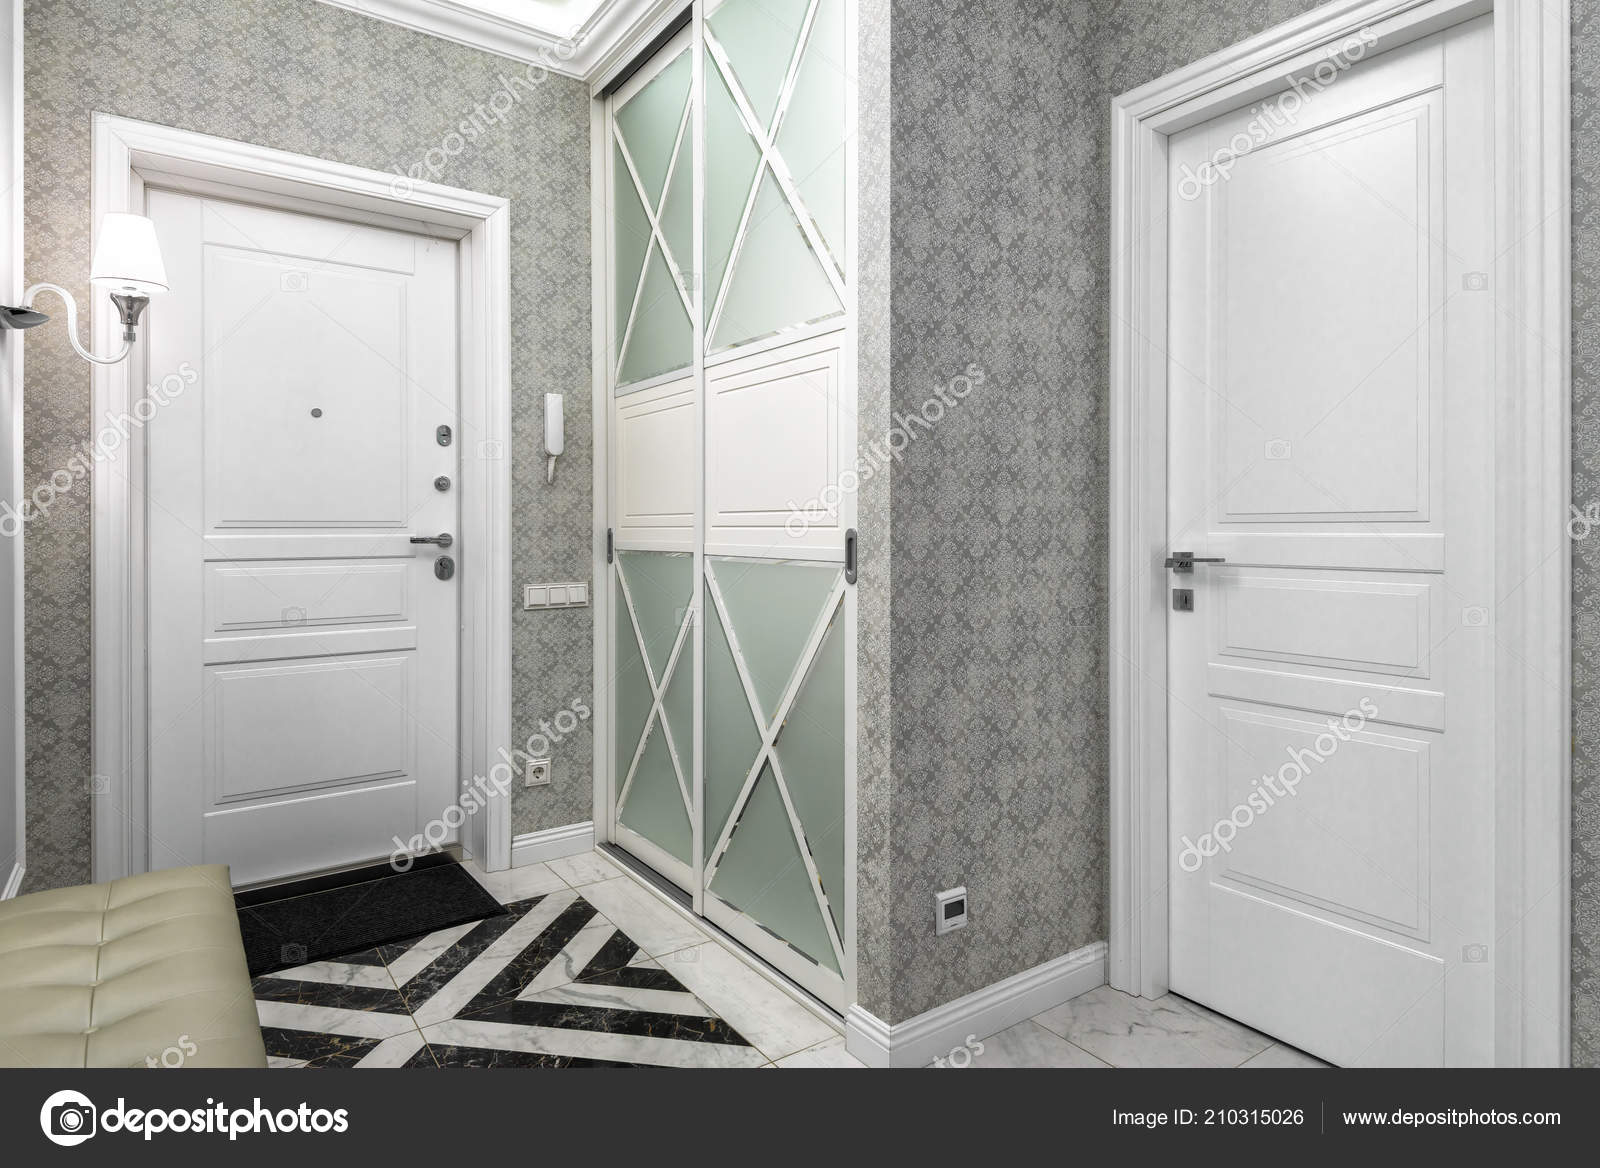 Moskau Juni 2018 Moderne Interieur Des Wohn Wohnung Flur Mit ...